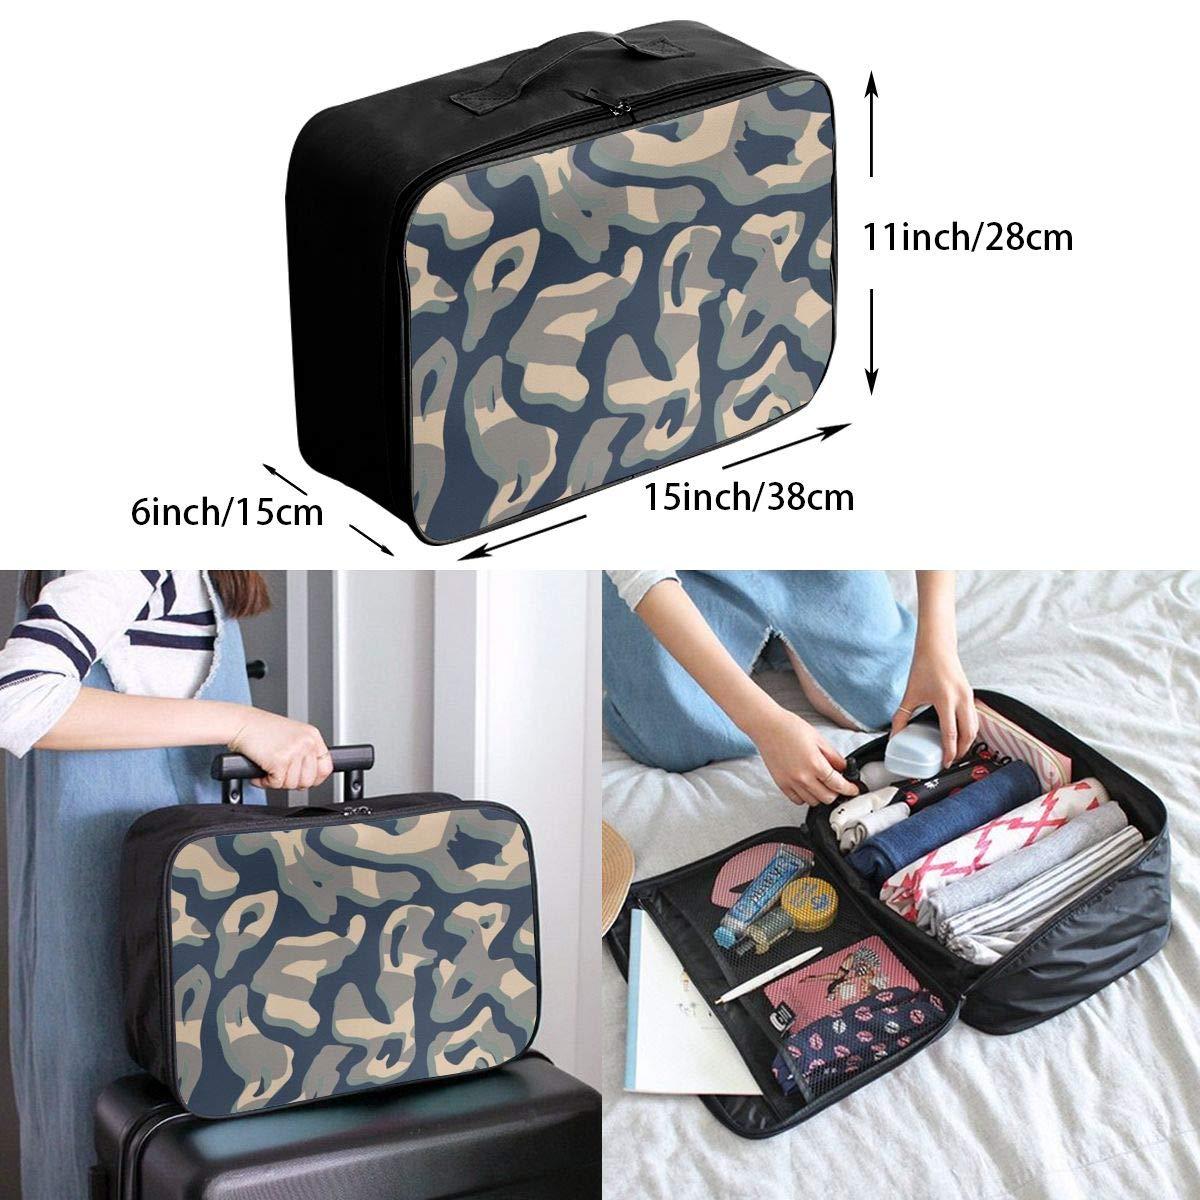 Camo Travel Luggage Storage Bag Duffel Bag Handle Makeup Bag Fashion Lightweight Large Capacity Portable Luggage Bag